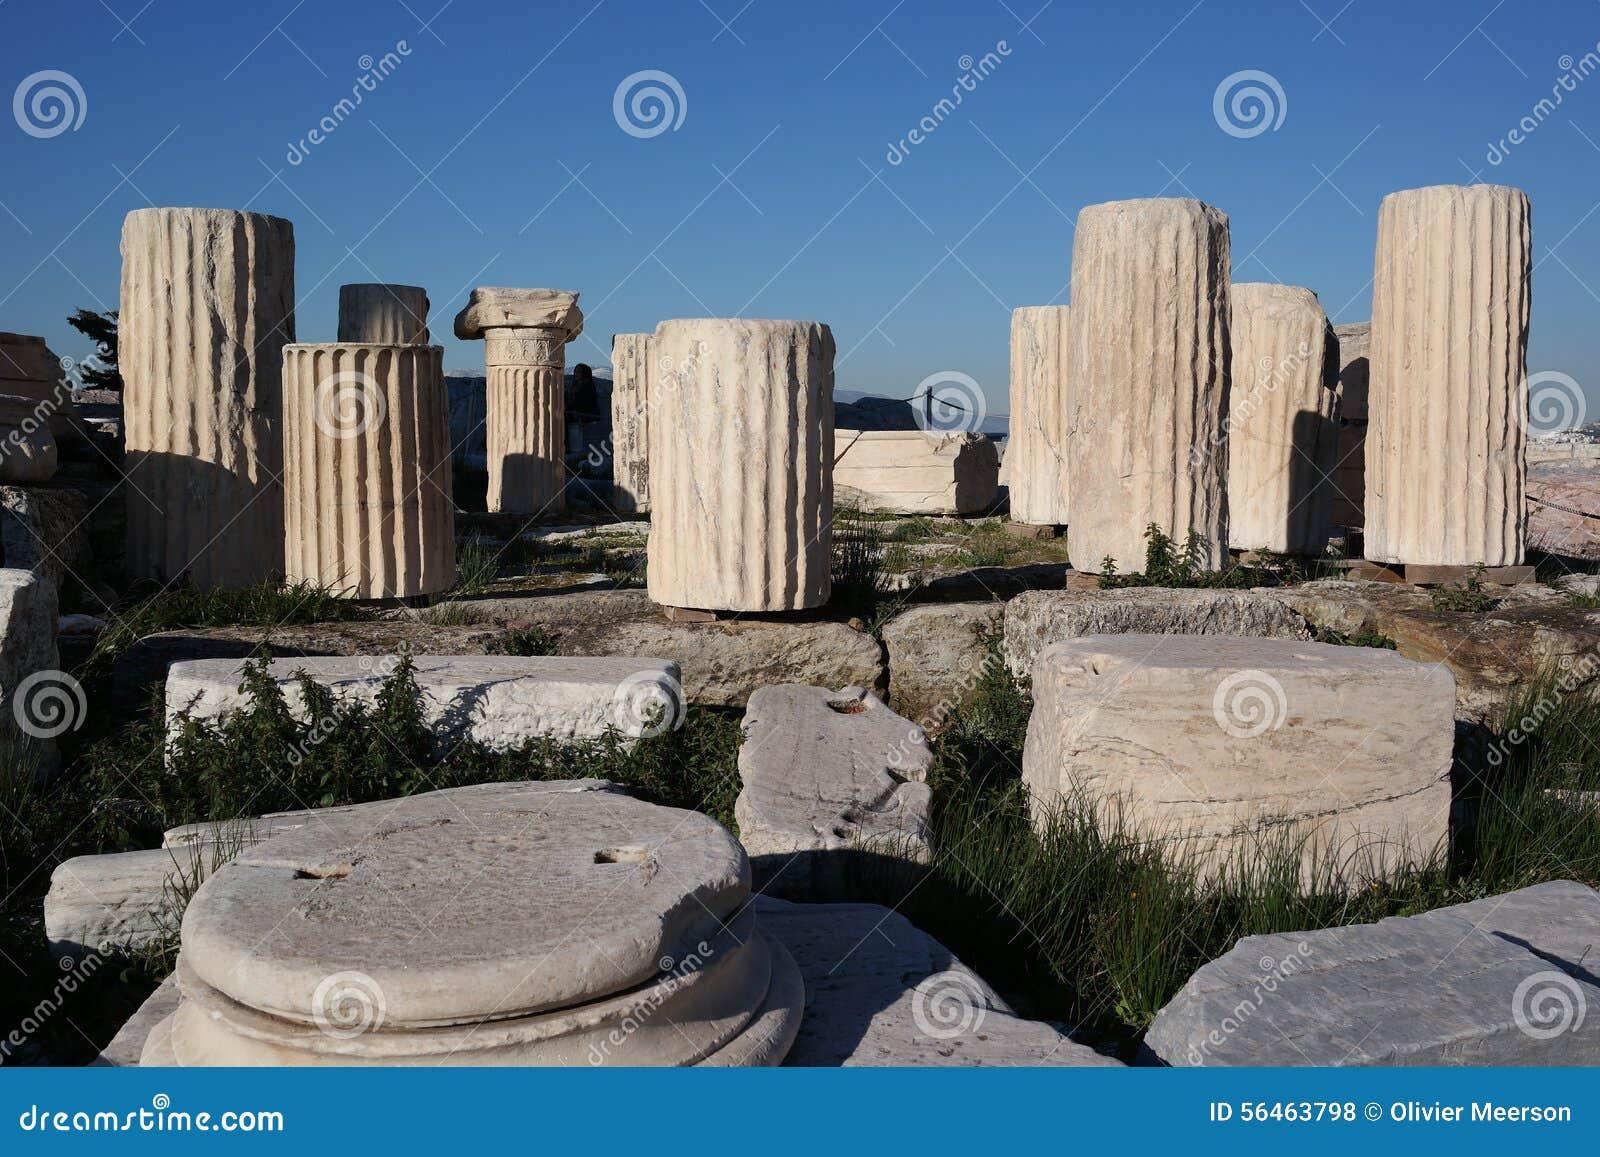 Columnas de la acrópolis, Atenas